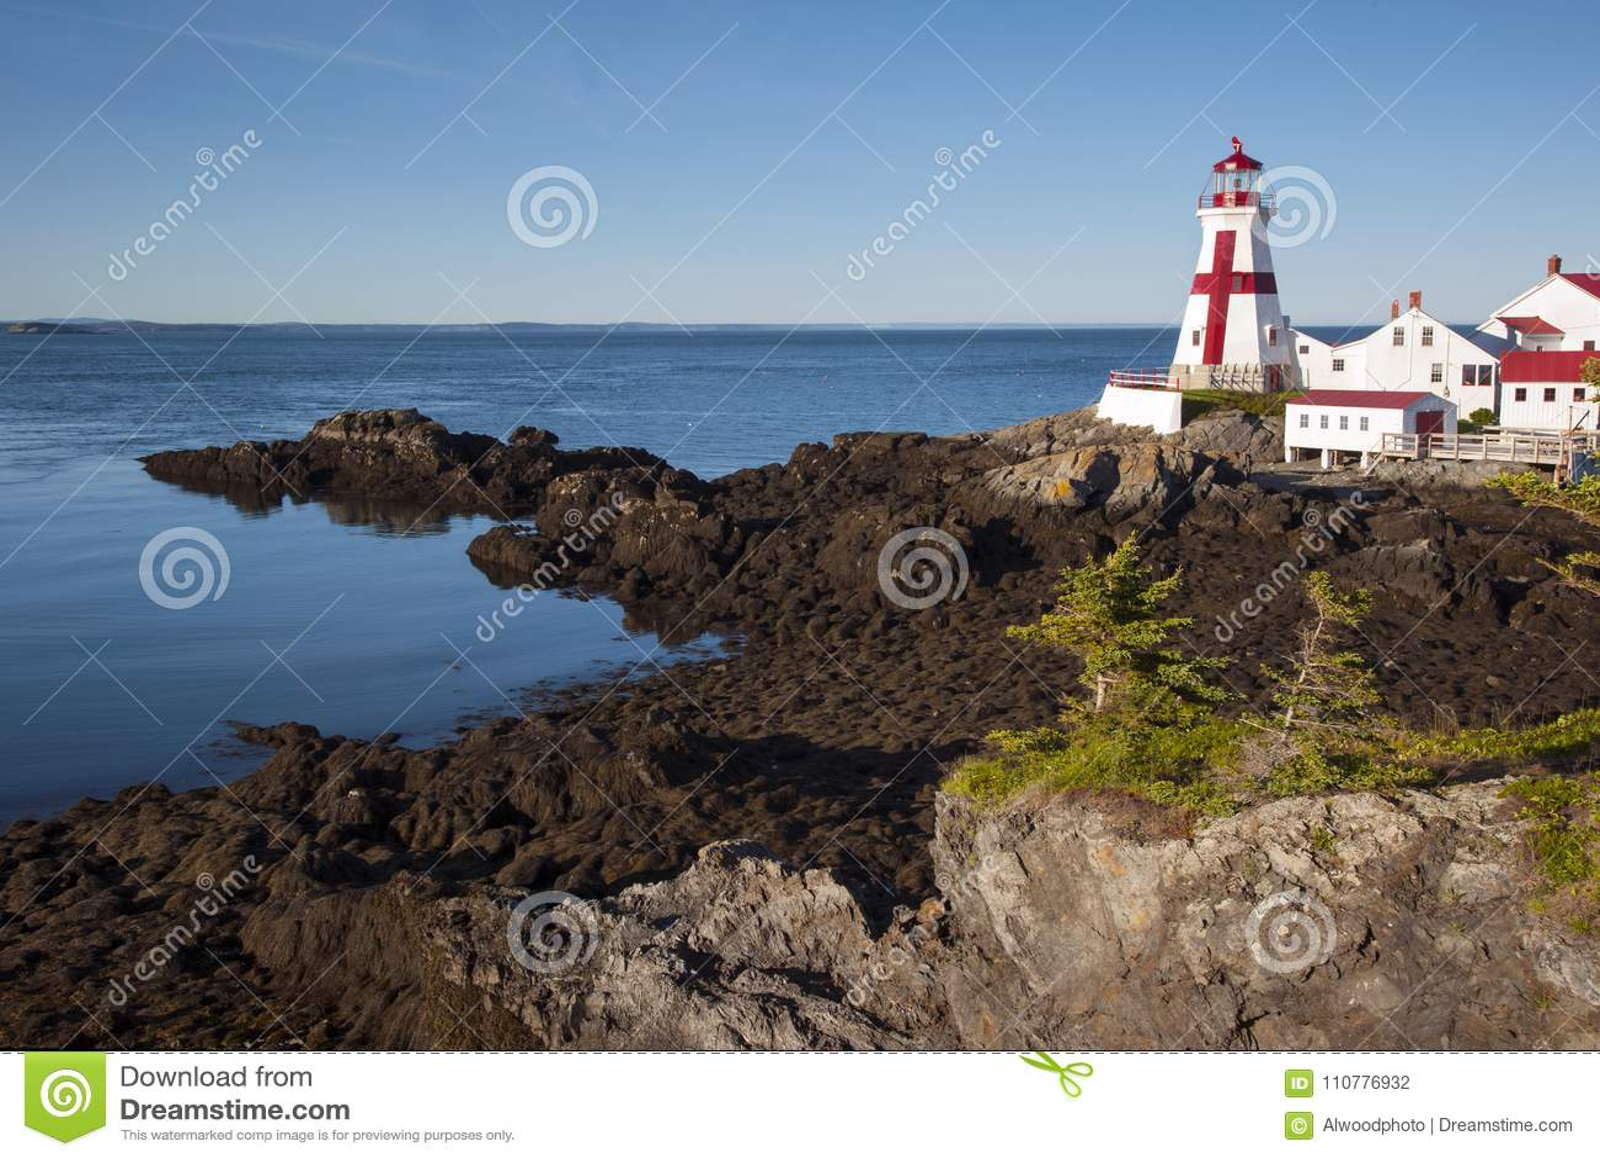 Скользкие утесы водят к канадскому маяку